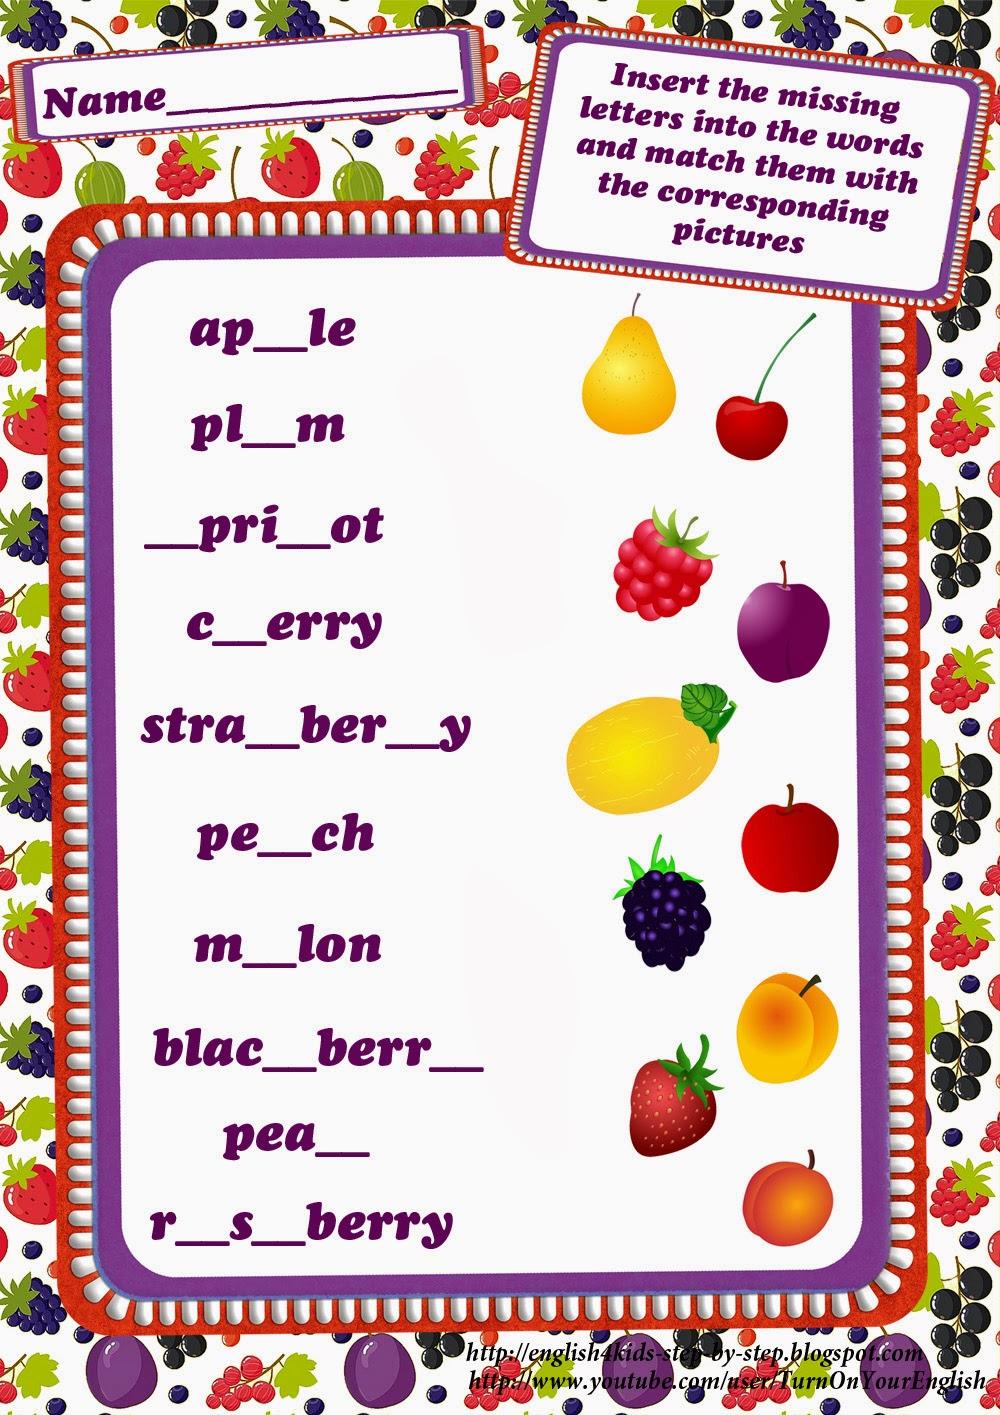 worksheet Missing Letters Worksheet fruits and berries worksheets worksheet inserting missing letters